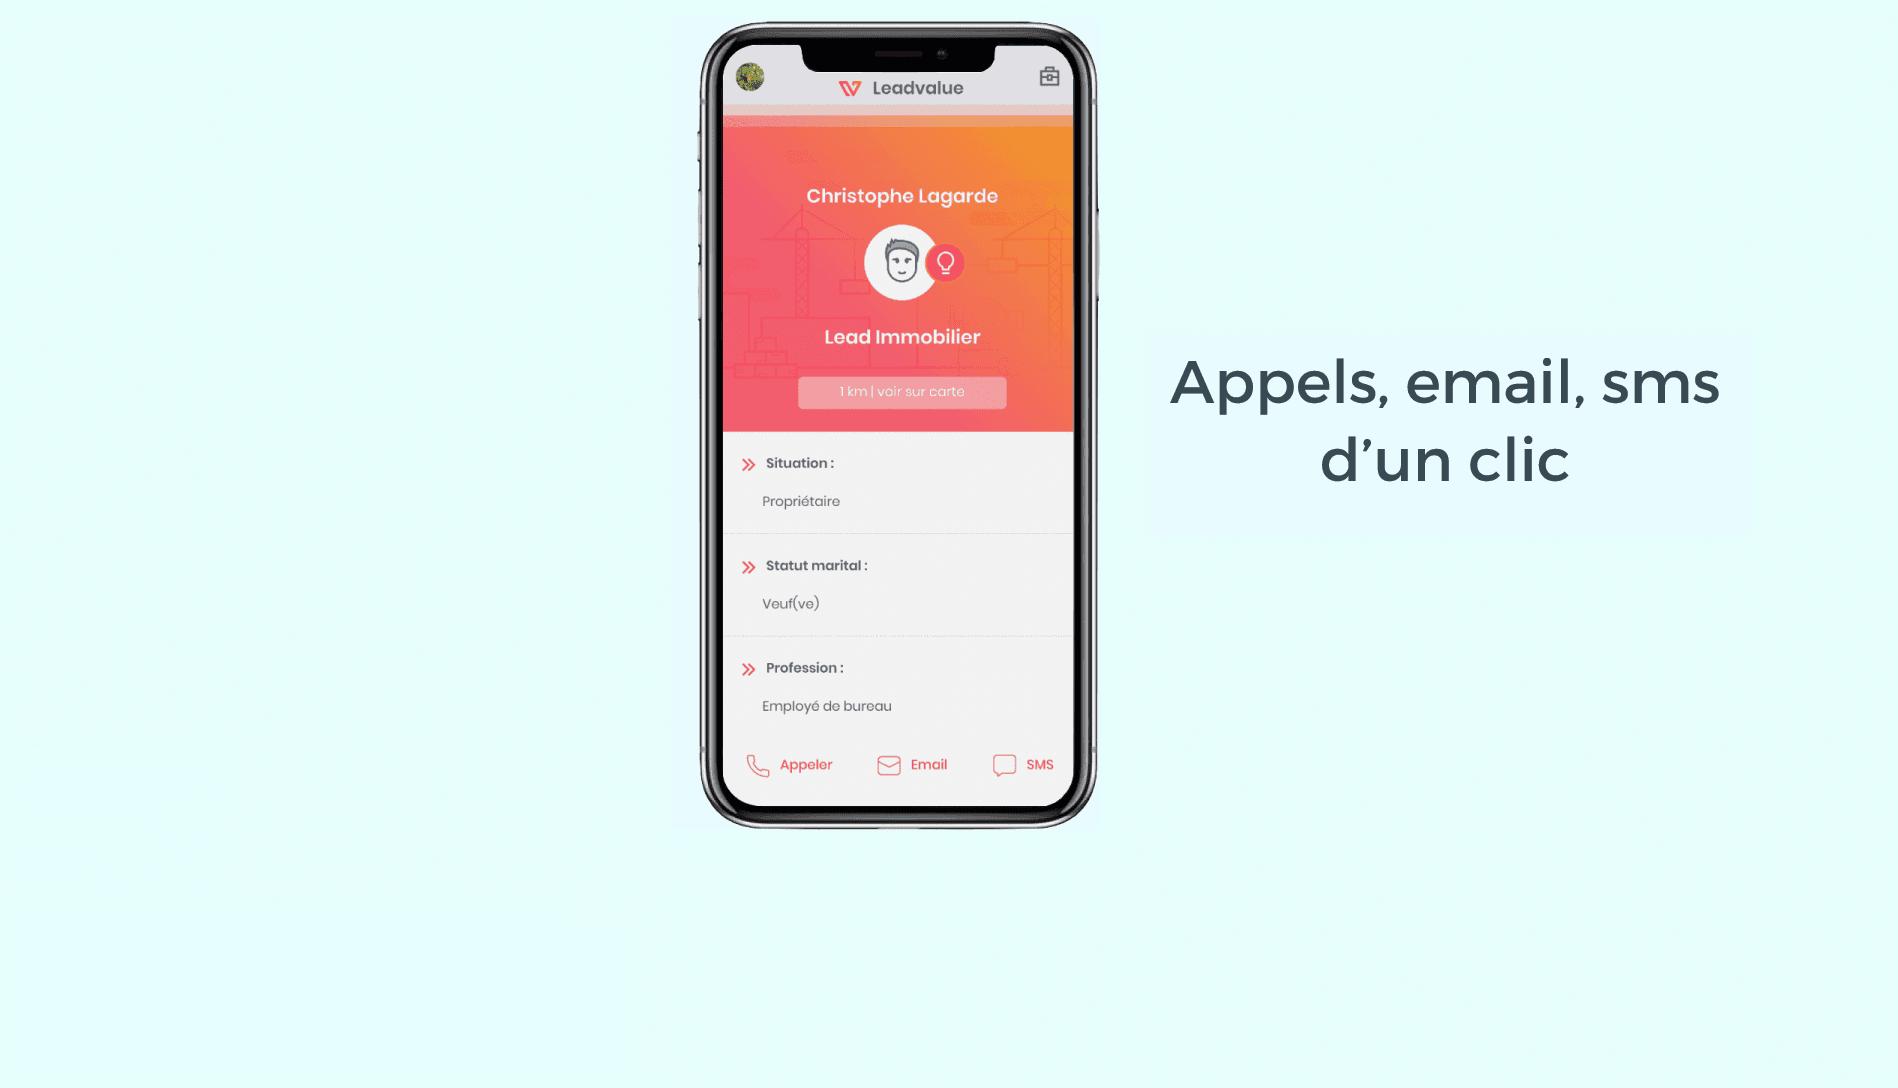 Appels emails SMS d'un clic en mode swipe